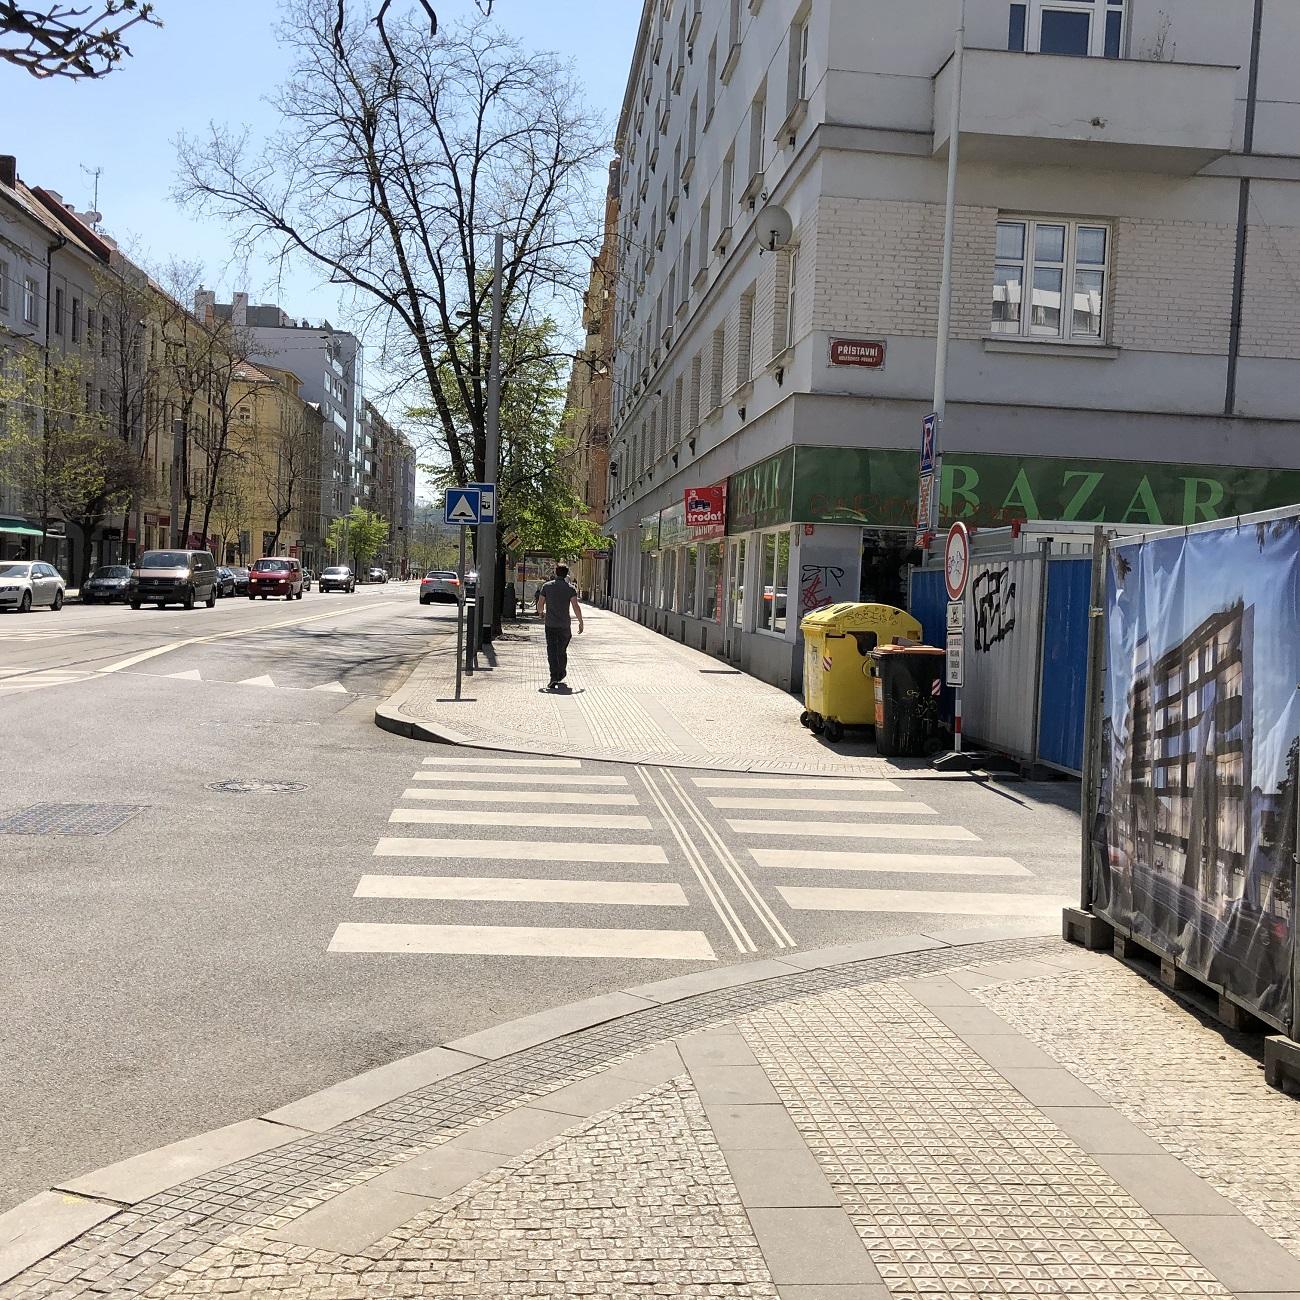 Architektonicky zajímavá novostavba vyroste v pražských Holešovicích